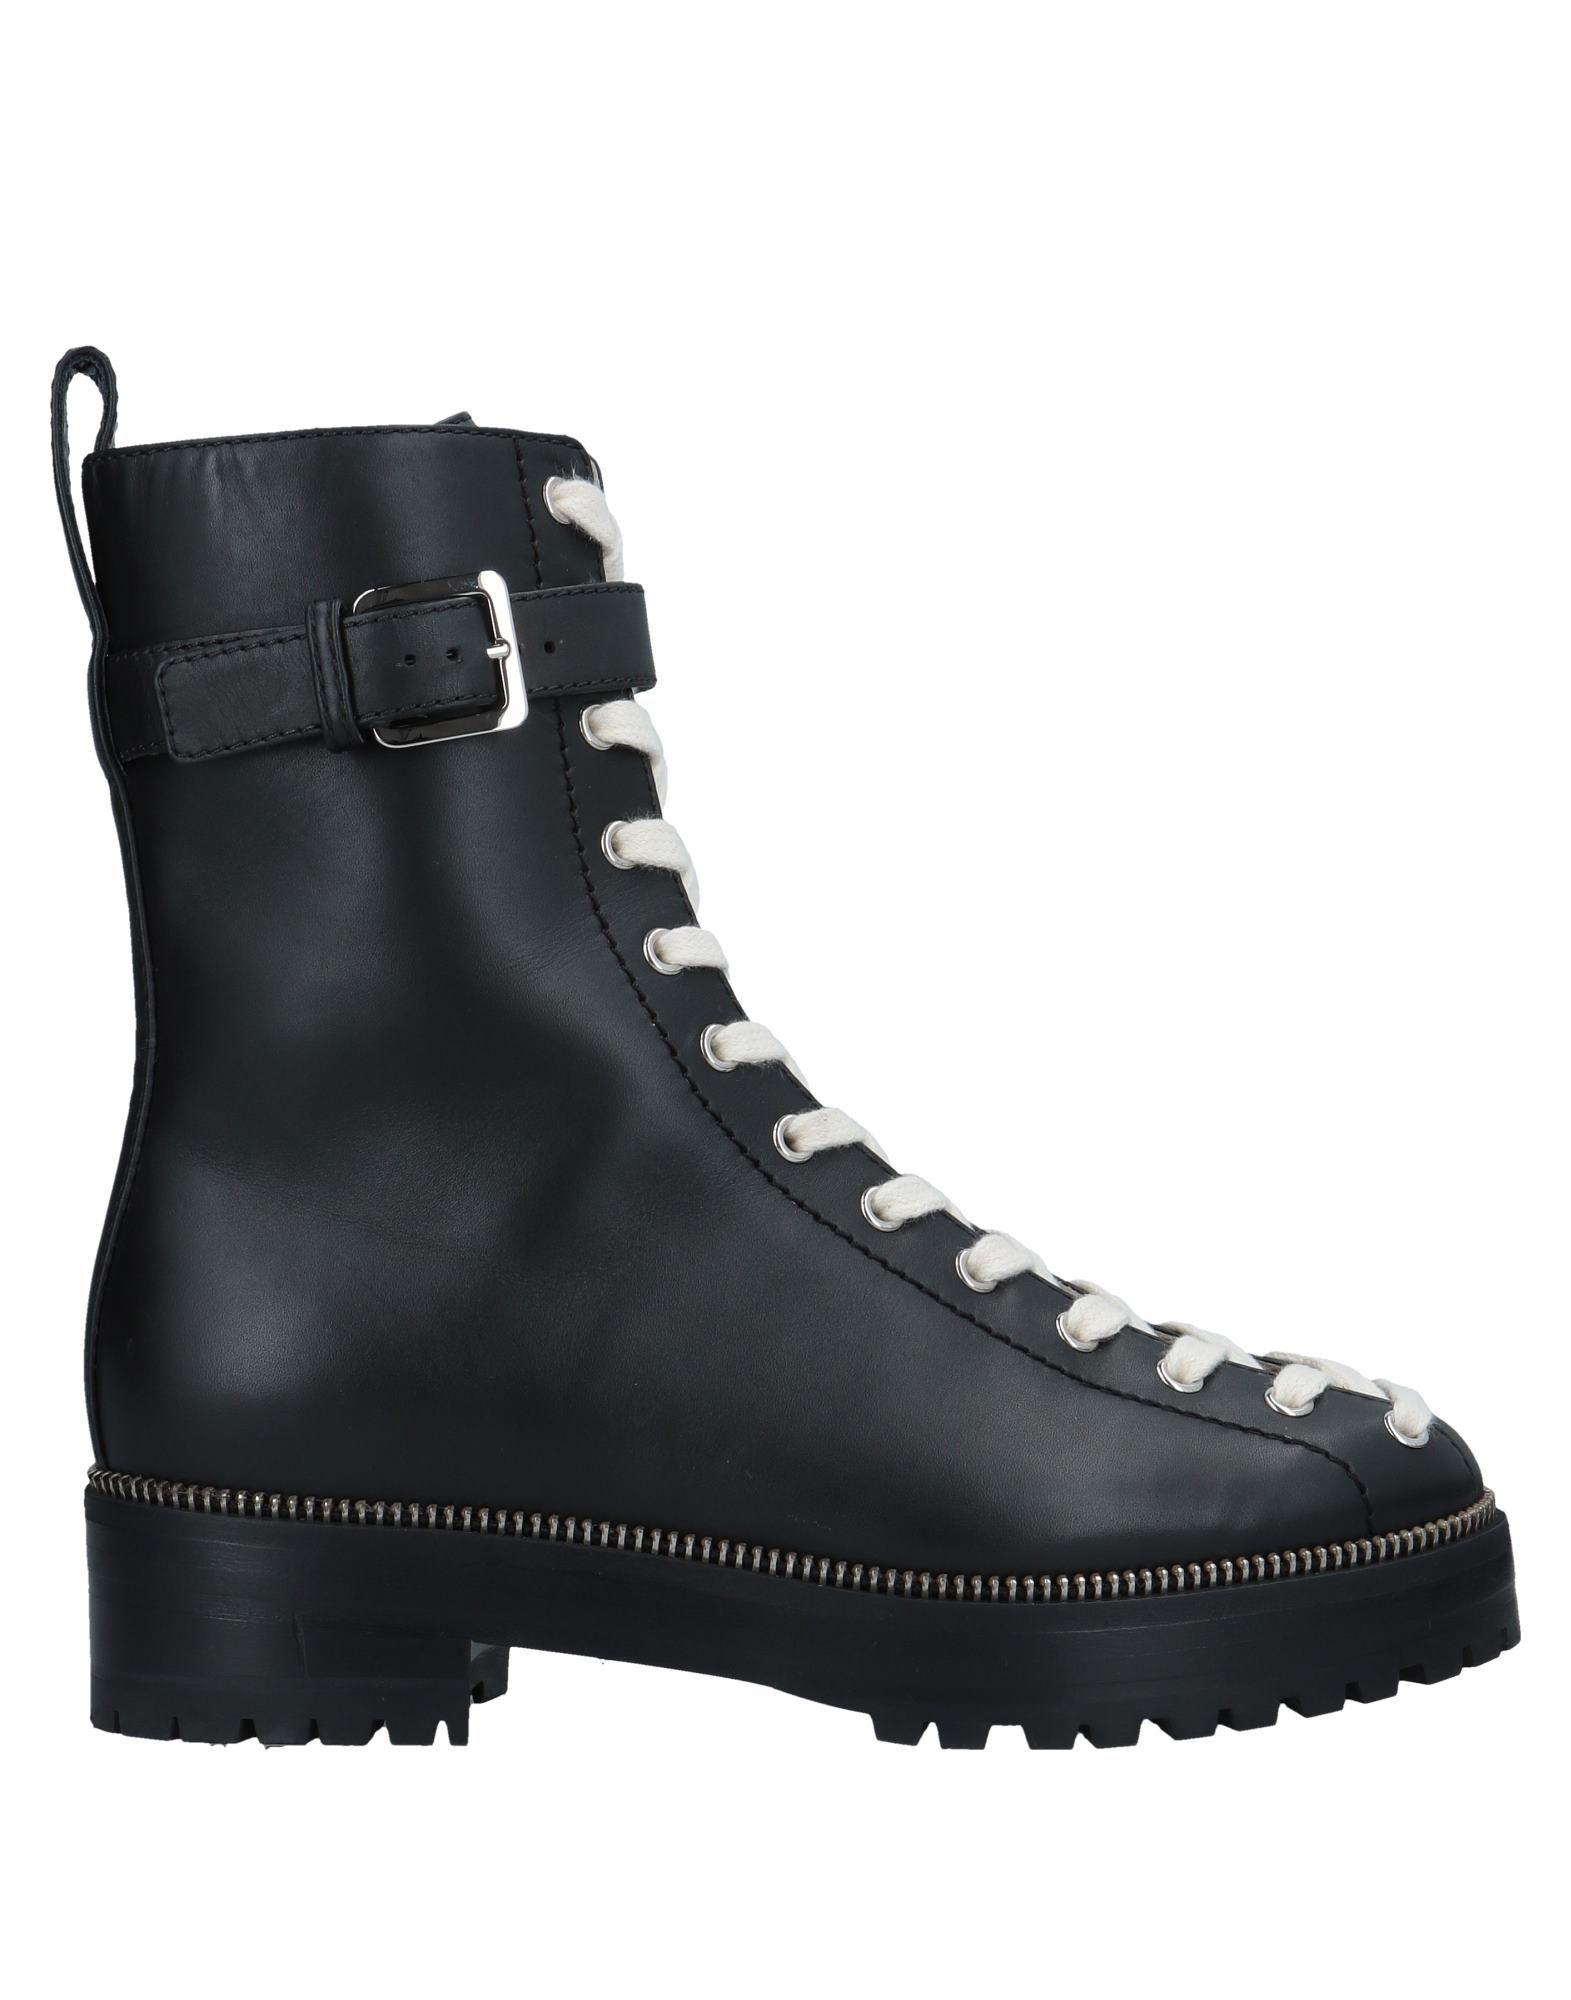 Sergio Rossi Stiefelette Damen Schuhe  11525843CQGünstige gut aussehende Schuhe Damen c6797d